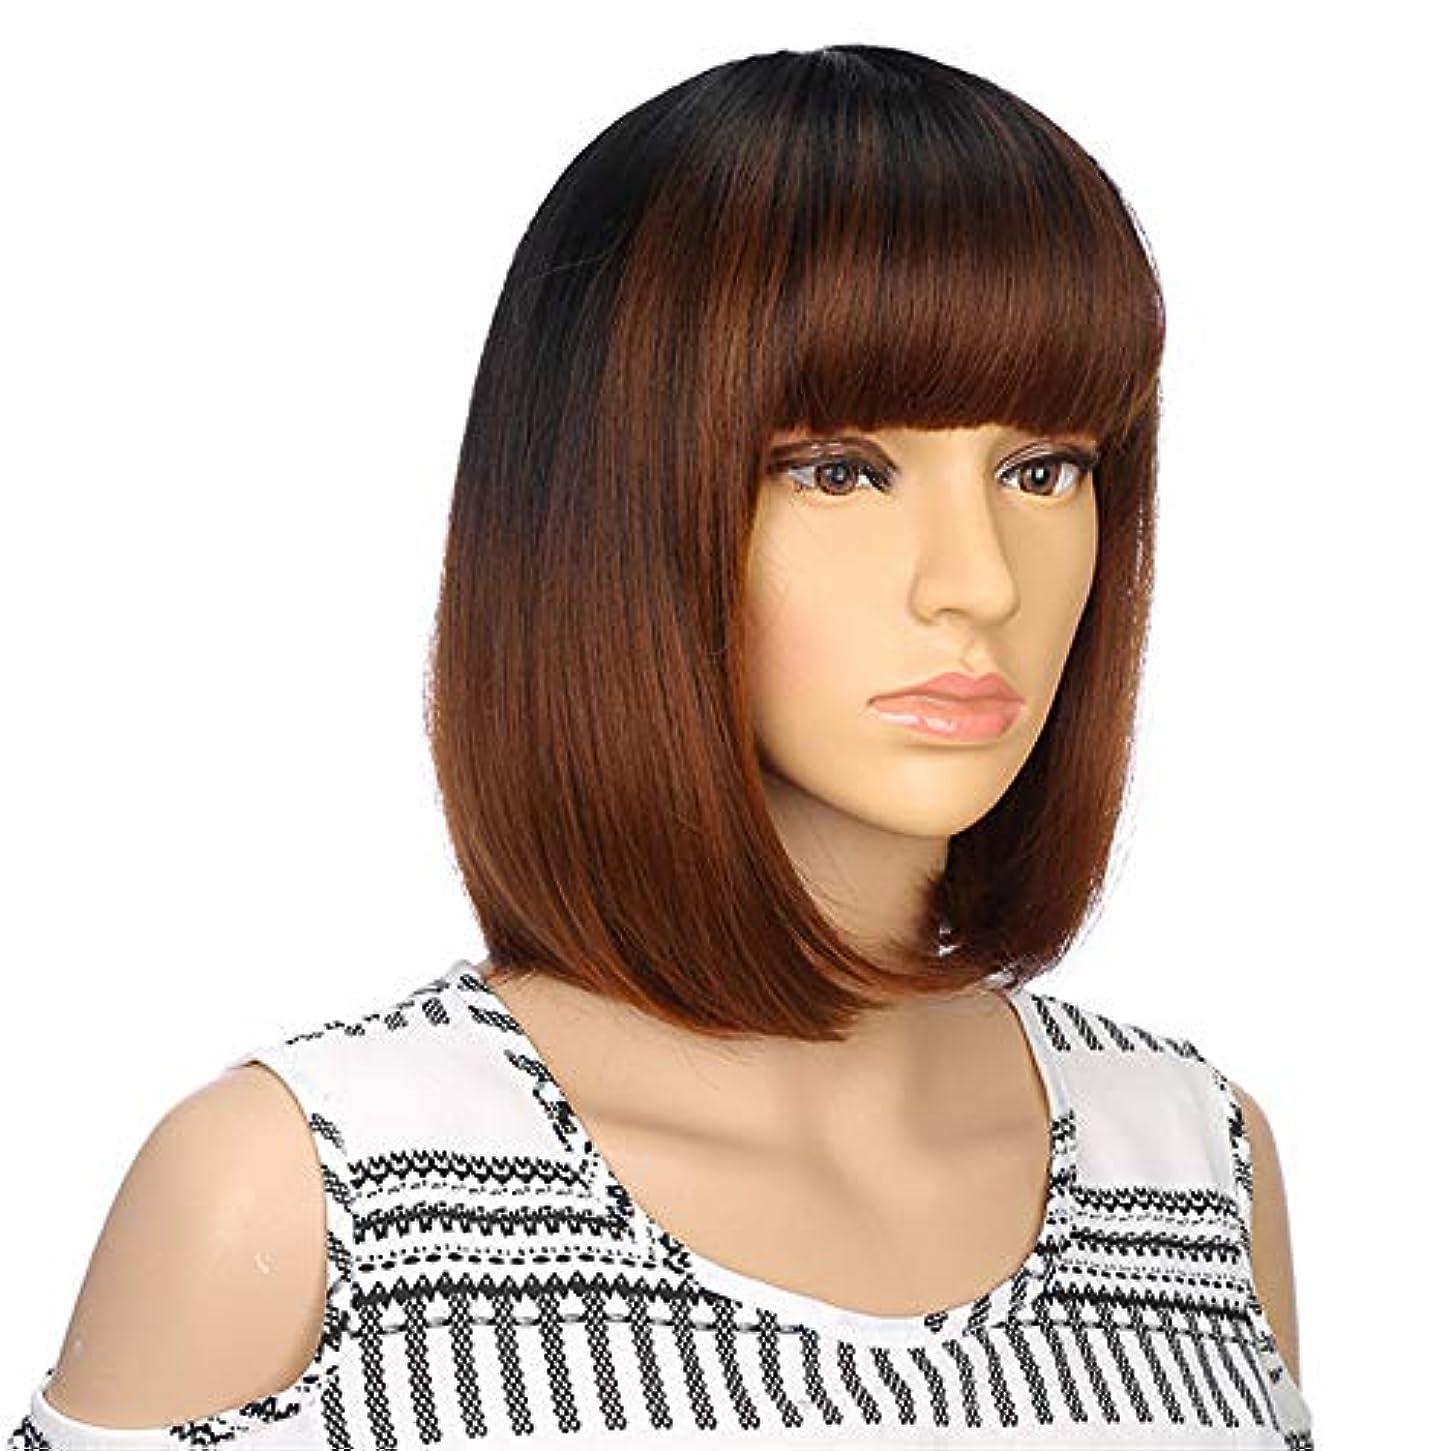 農業の足枷ビットヘアエクステンション合成ブラウンストレートウィッグ女性用前髪長ボブヘアウィッグ耐熱ヘアスタイルコスプレウィッグ13インチ